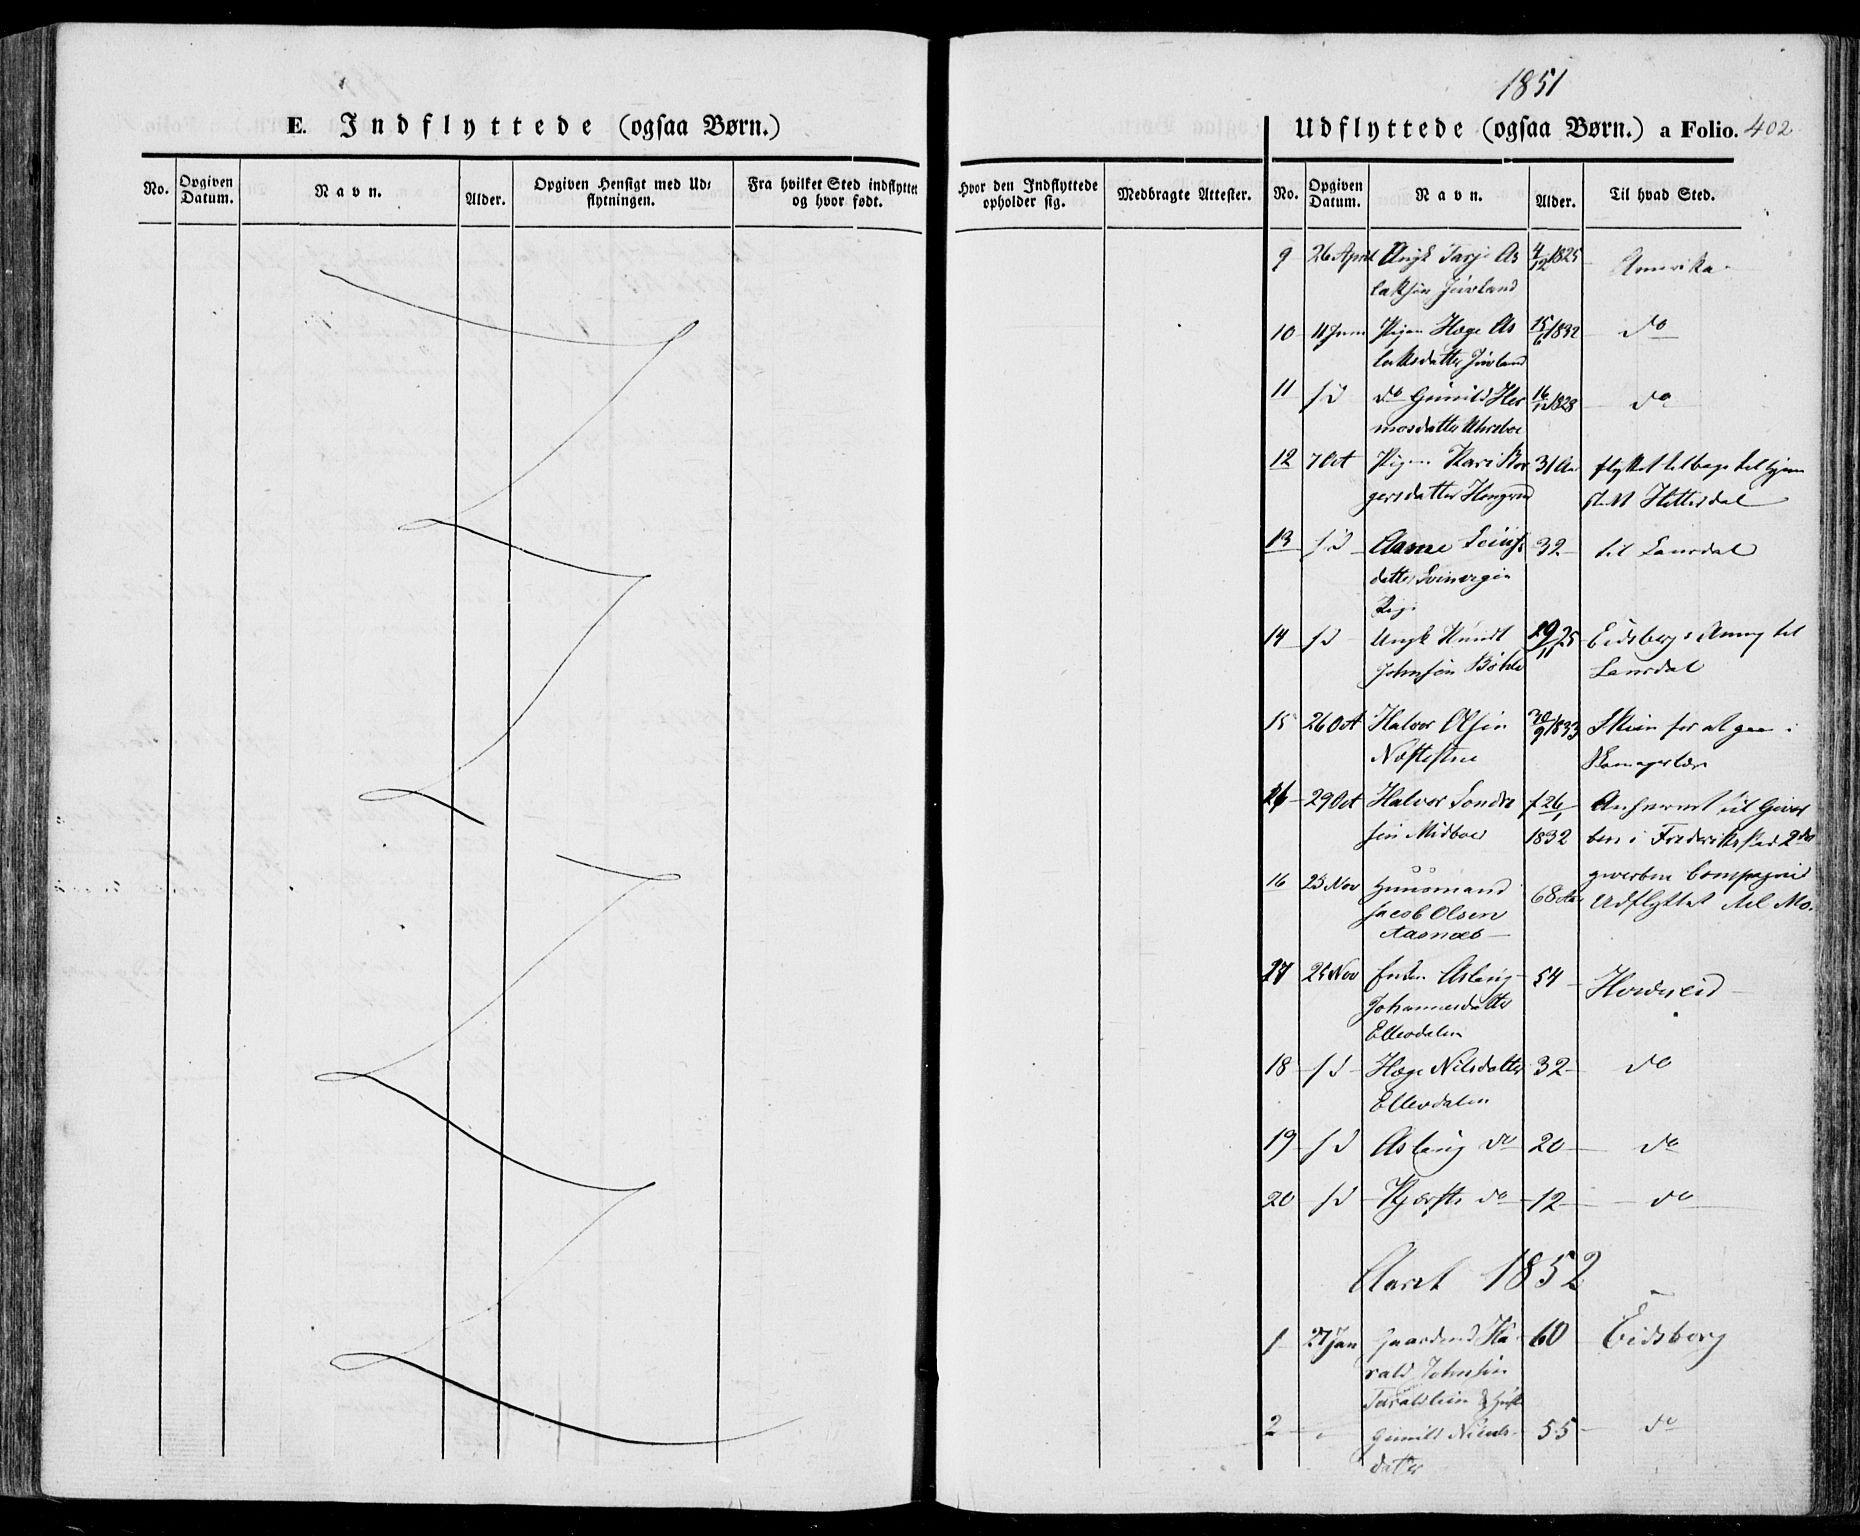 SAKO, Vinje kirkebøker, F/Fa/L0004: Ministerialbok nr. I 4, 1843-1869, s. 402